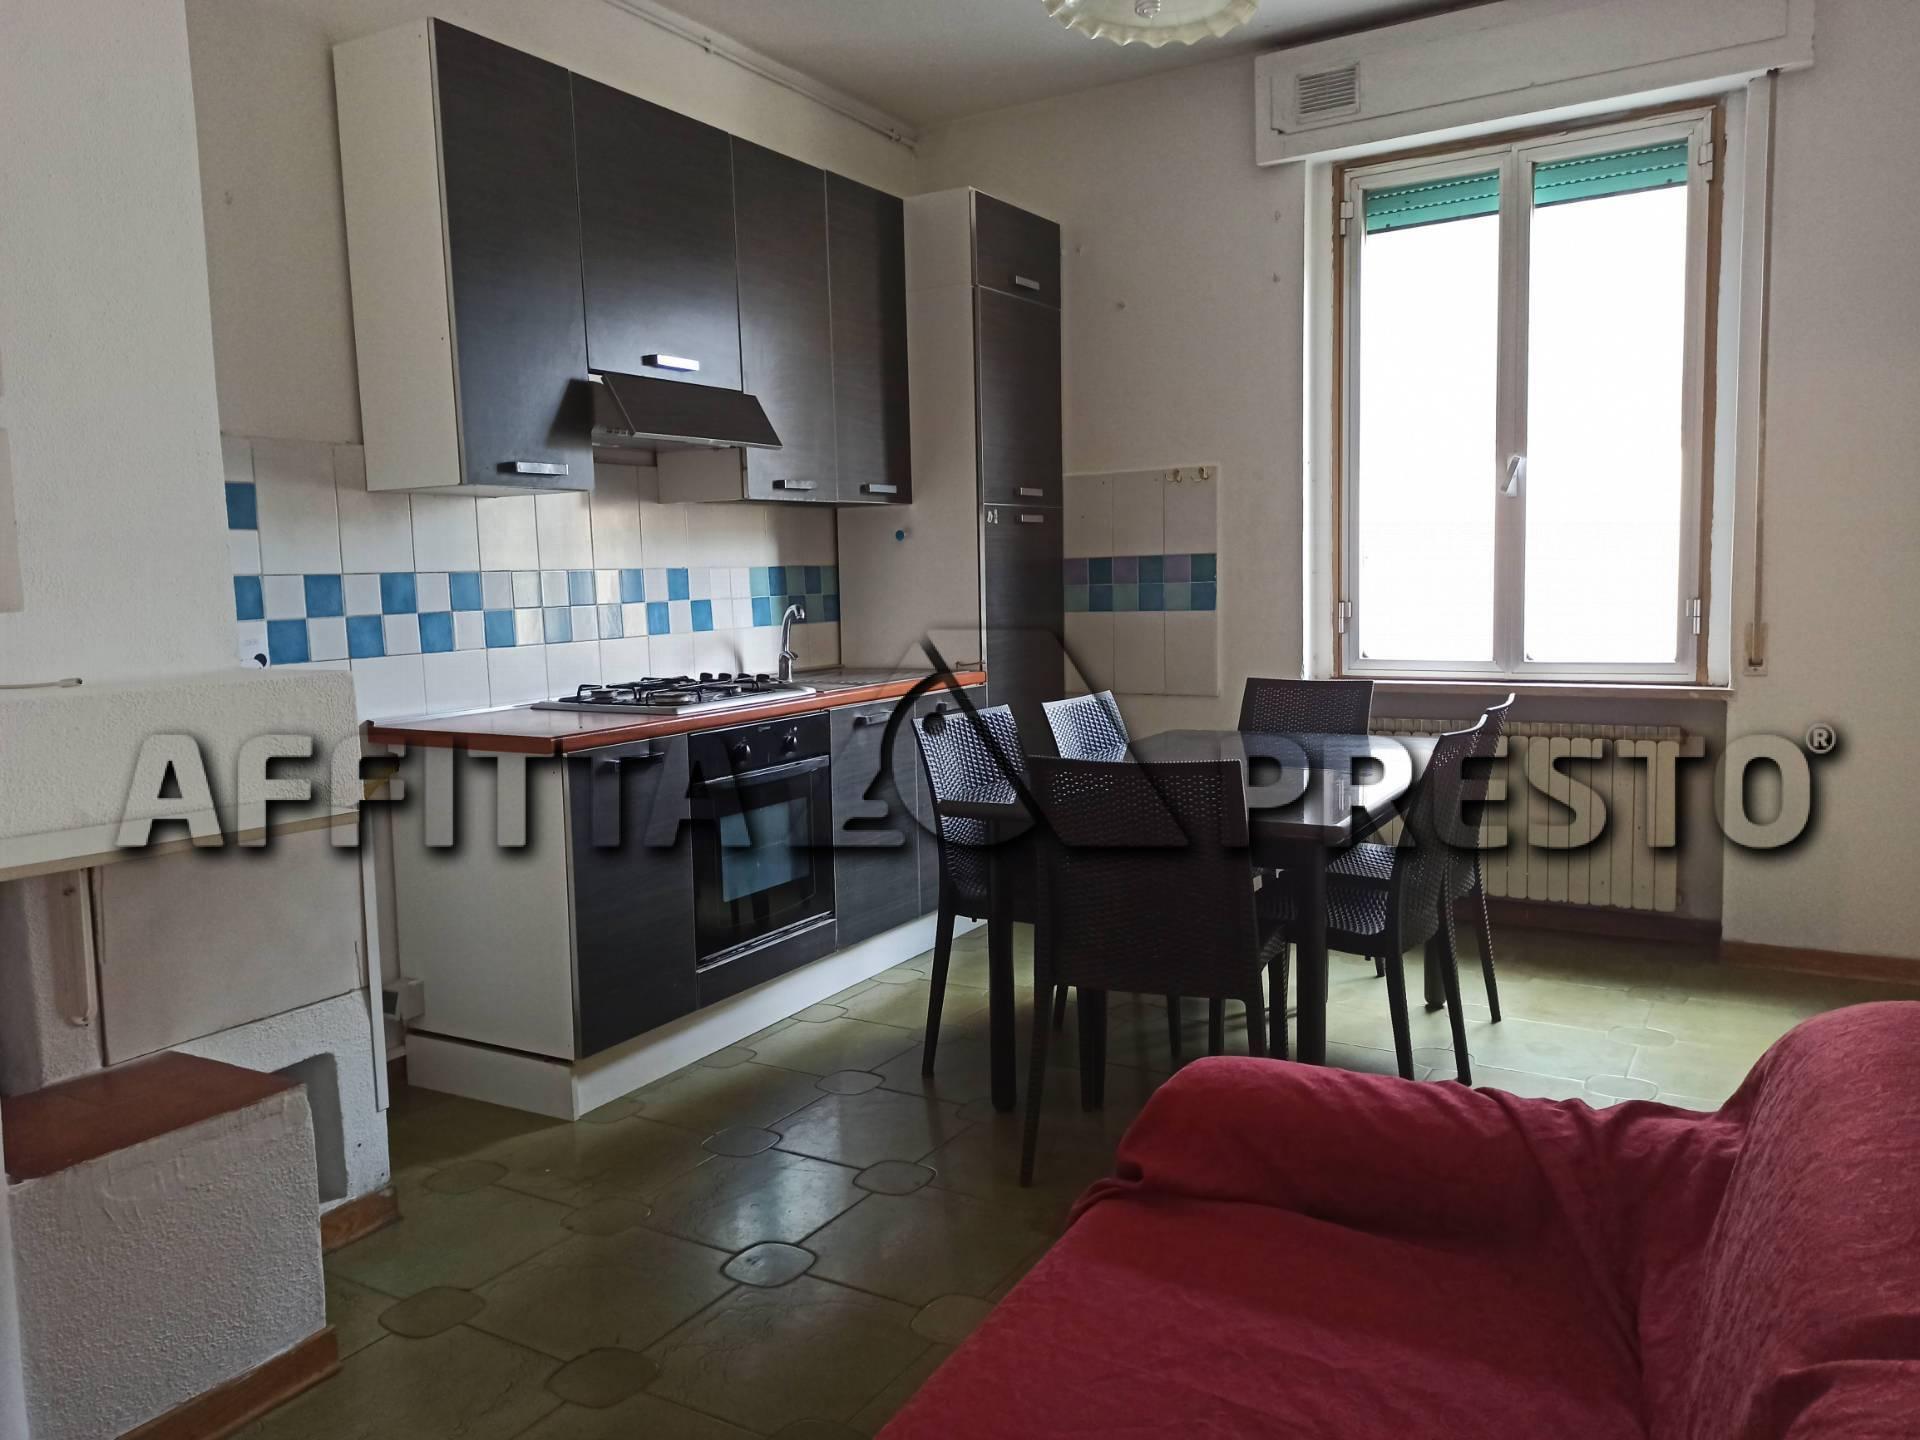 Appartamento in affitto a Porta Nuova, Pisa